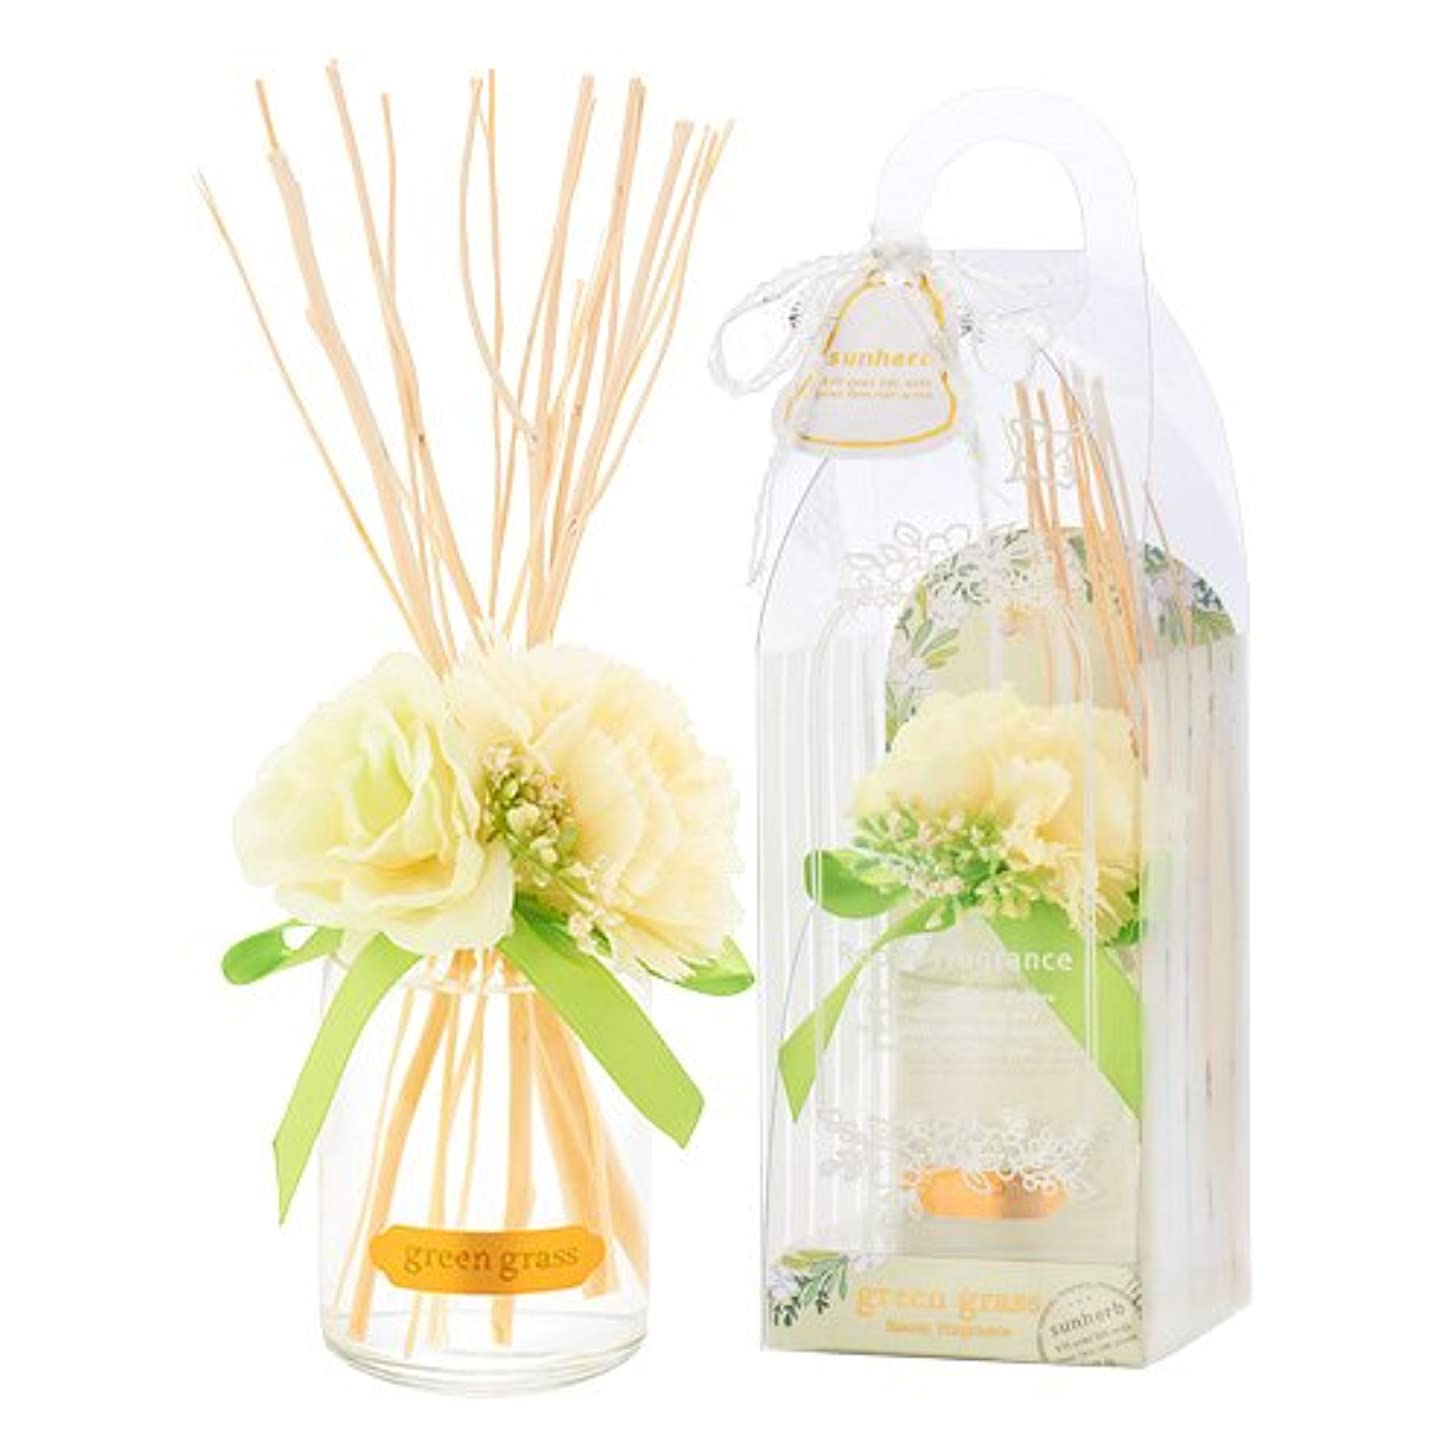 したい一般純粋にサンハーブ ルームフレグランスフラワー グリーングラス 100ml(芳香剤 花かざり付 爽やかでちょっと大人の香り)